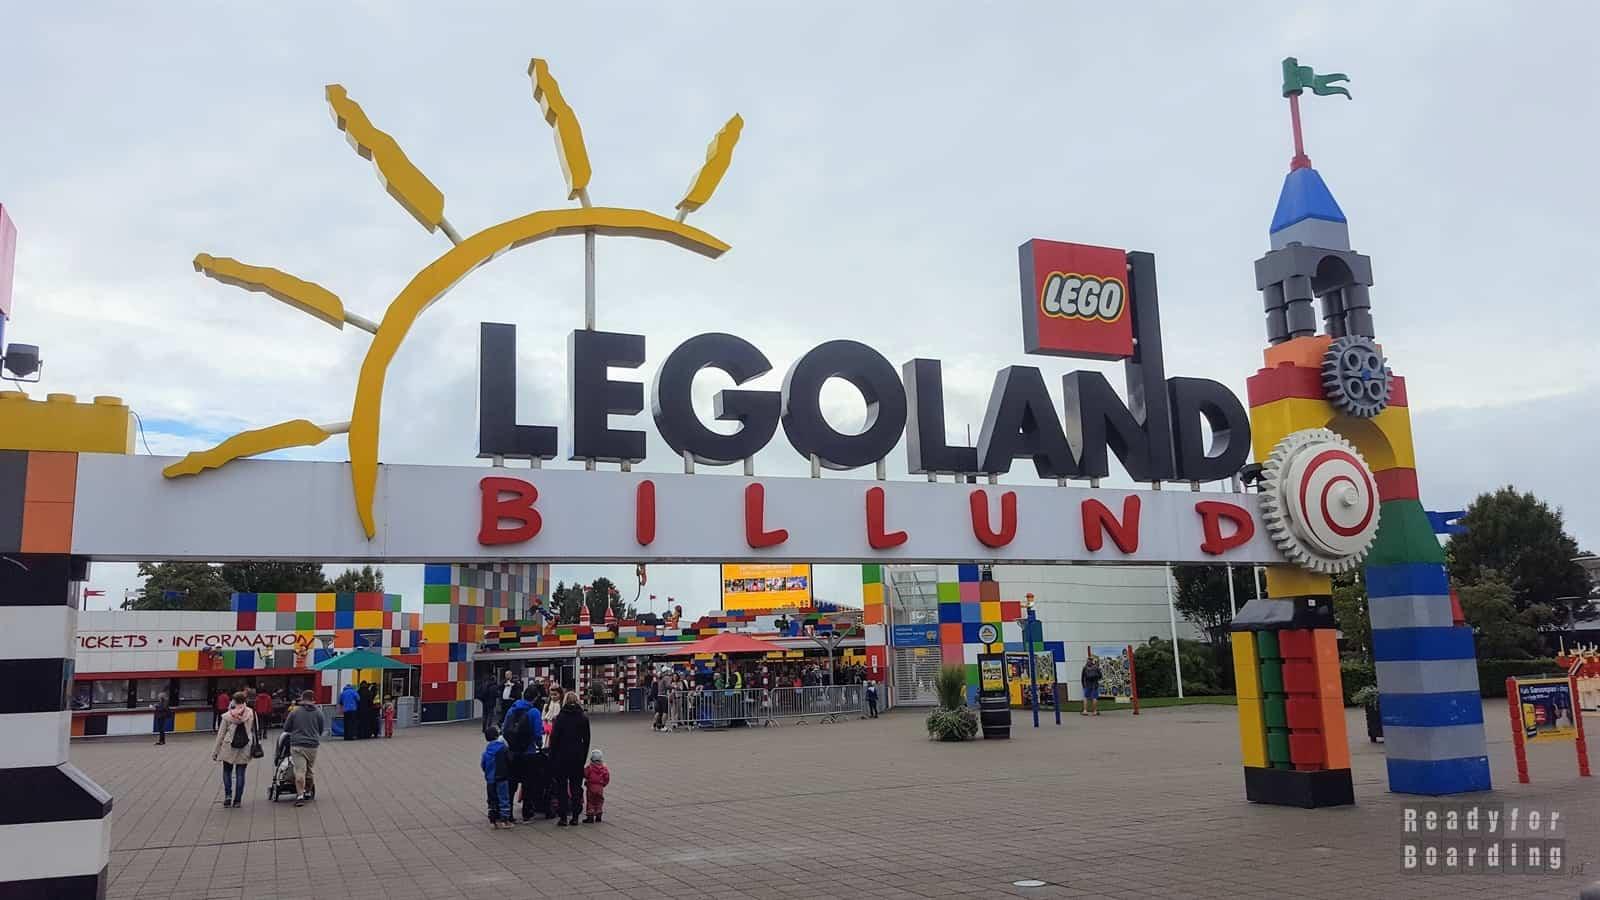 Dania - Legoland w Billund (galeria zdjęć)